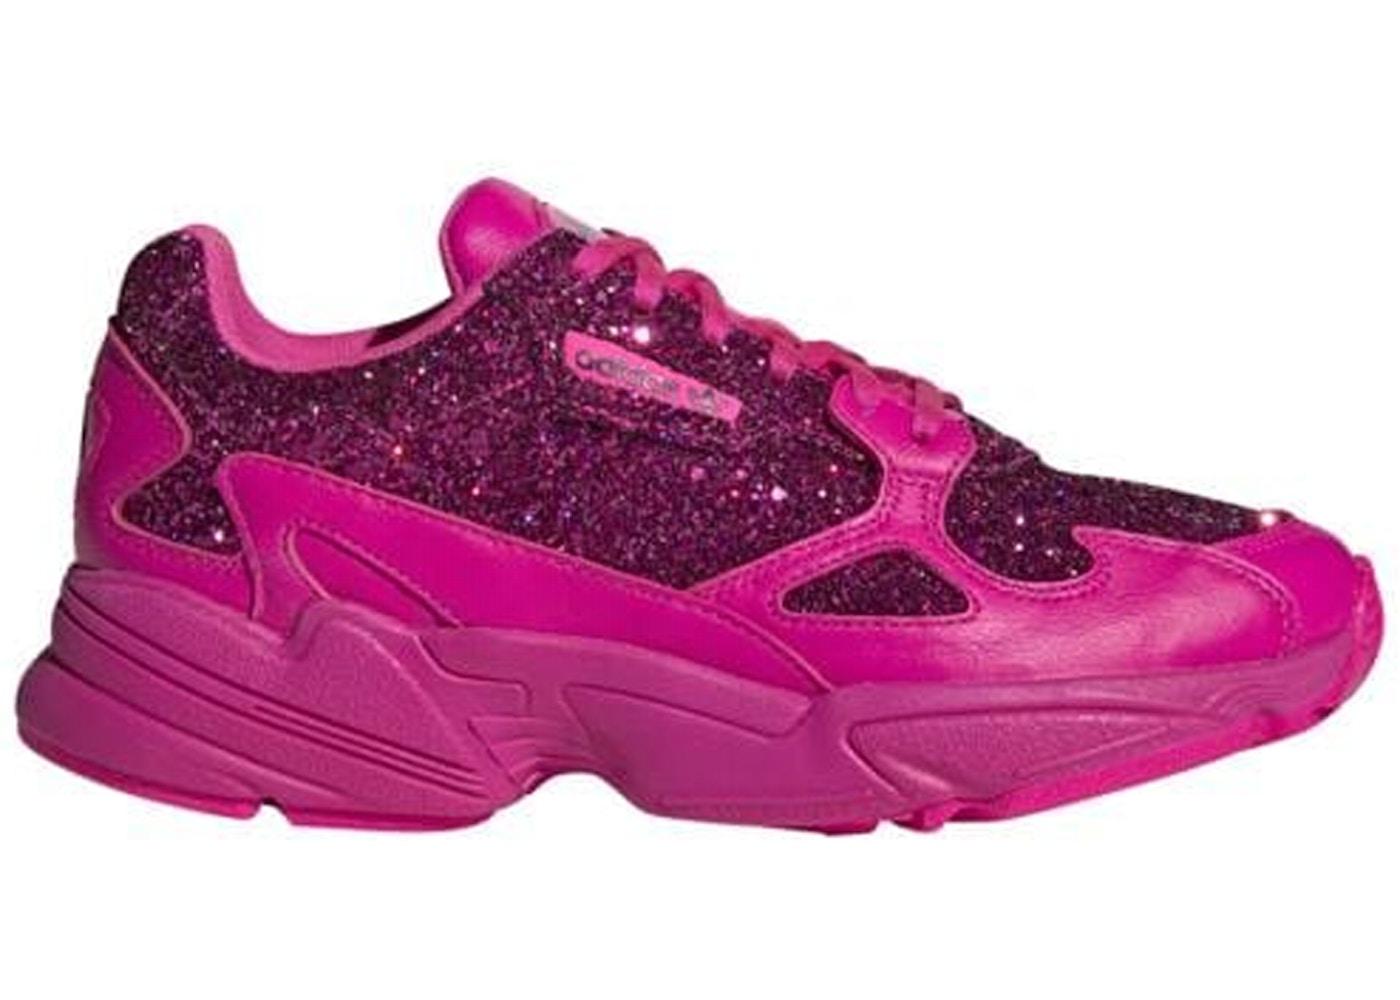 newest c8384 b29da adidas Falcon Shock Pink (W) - BD8077